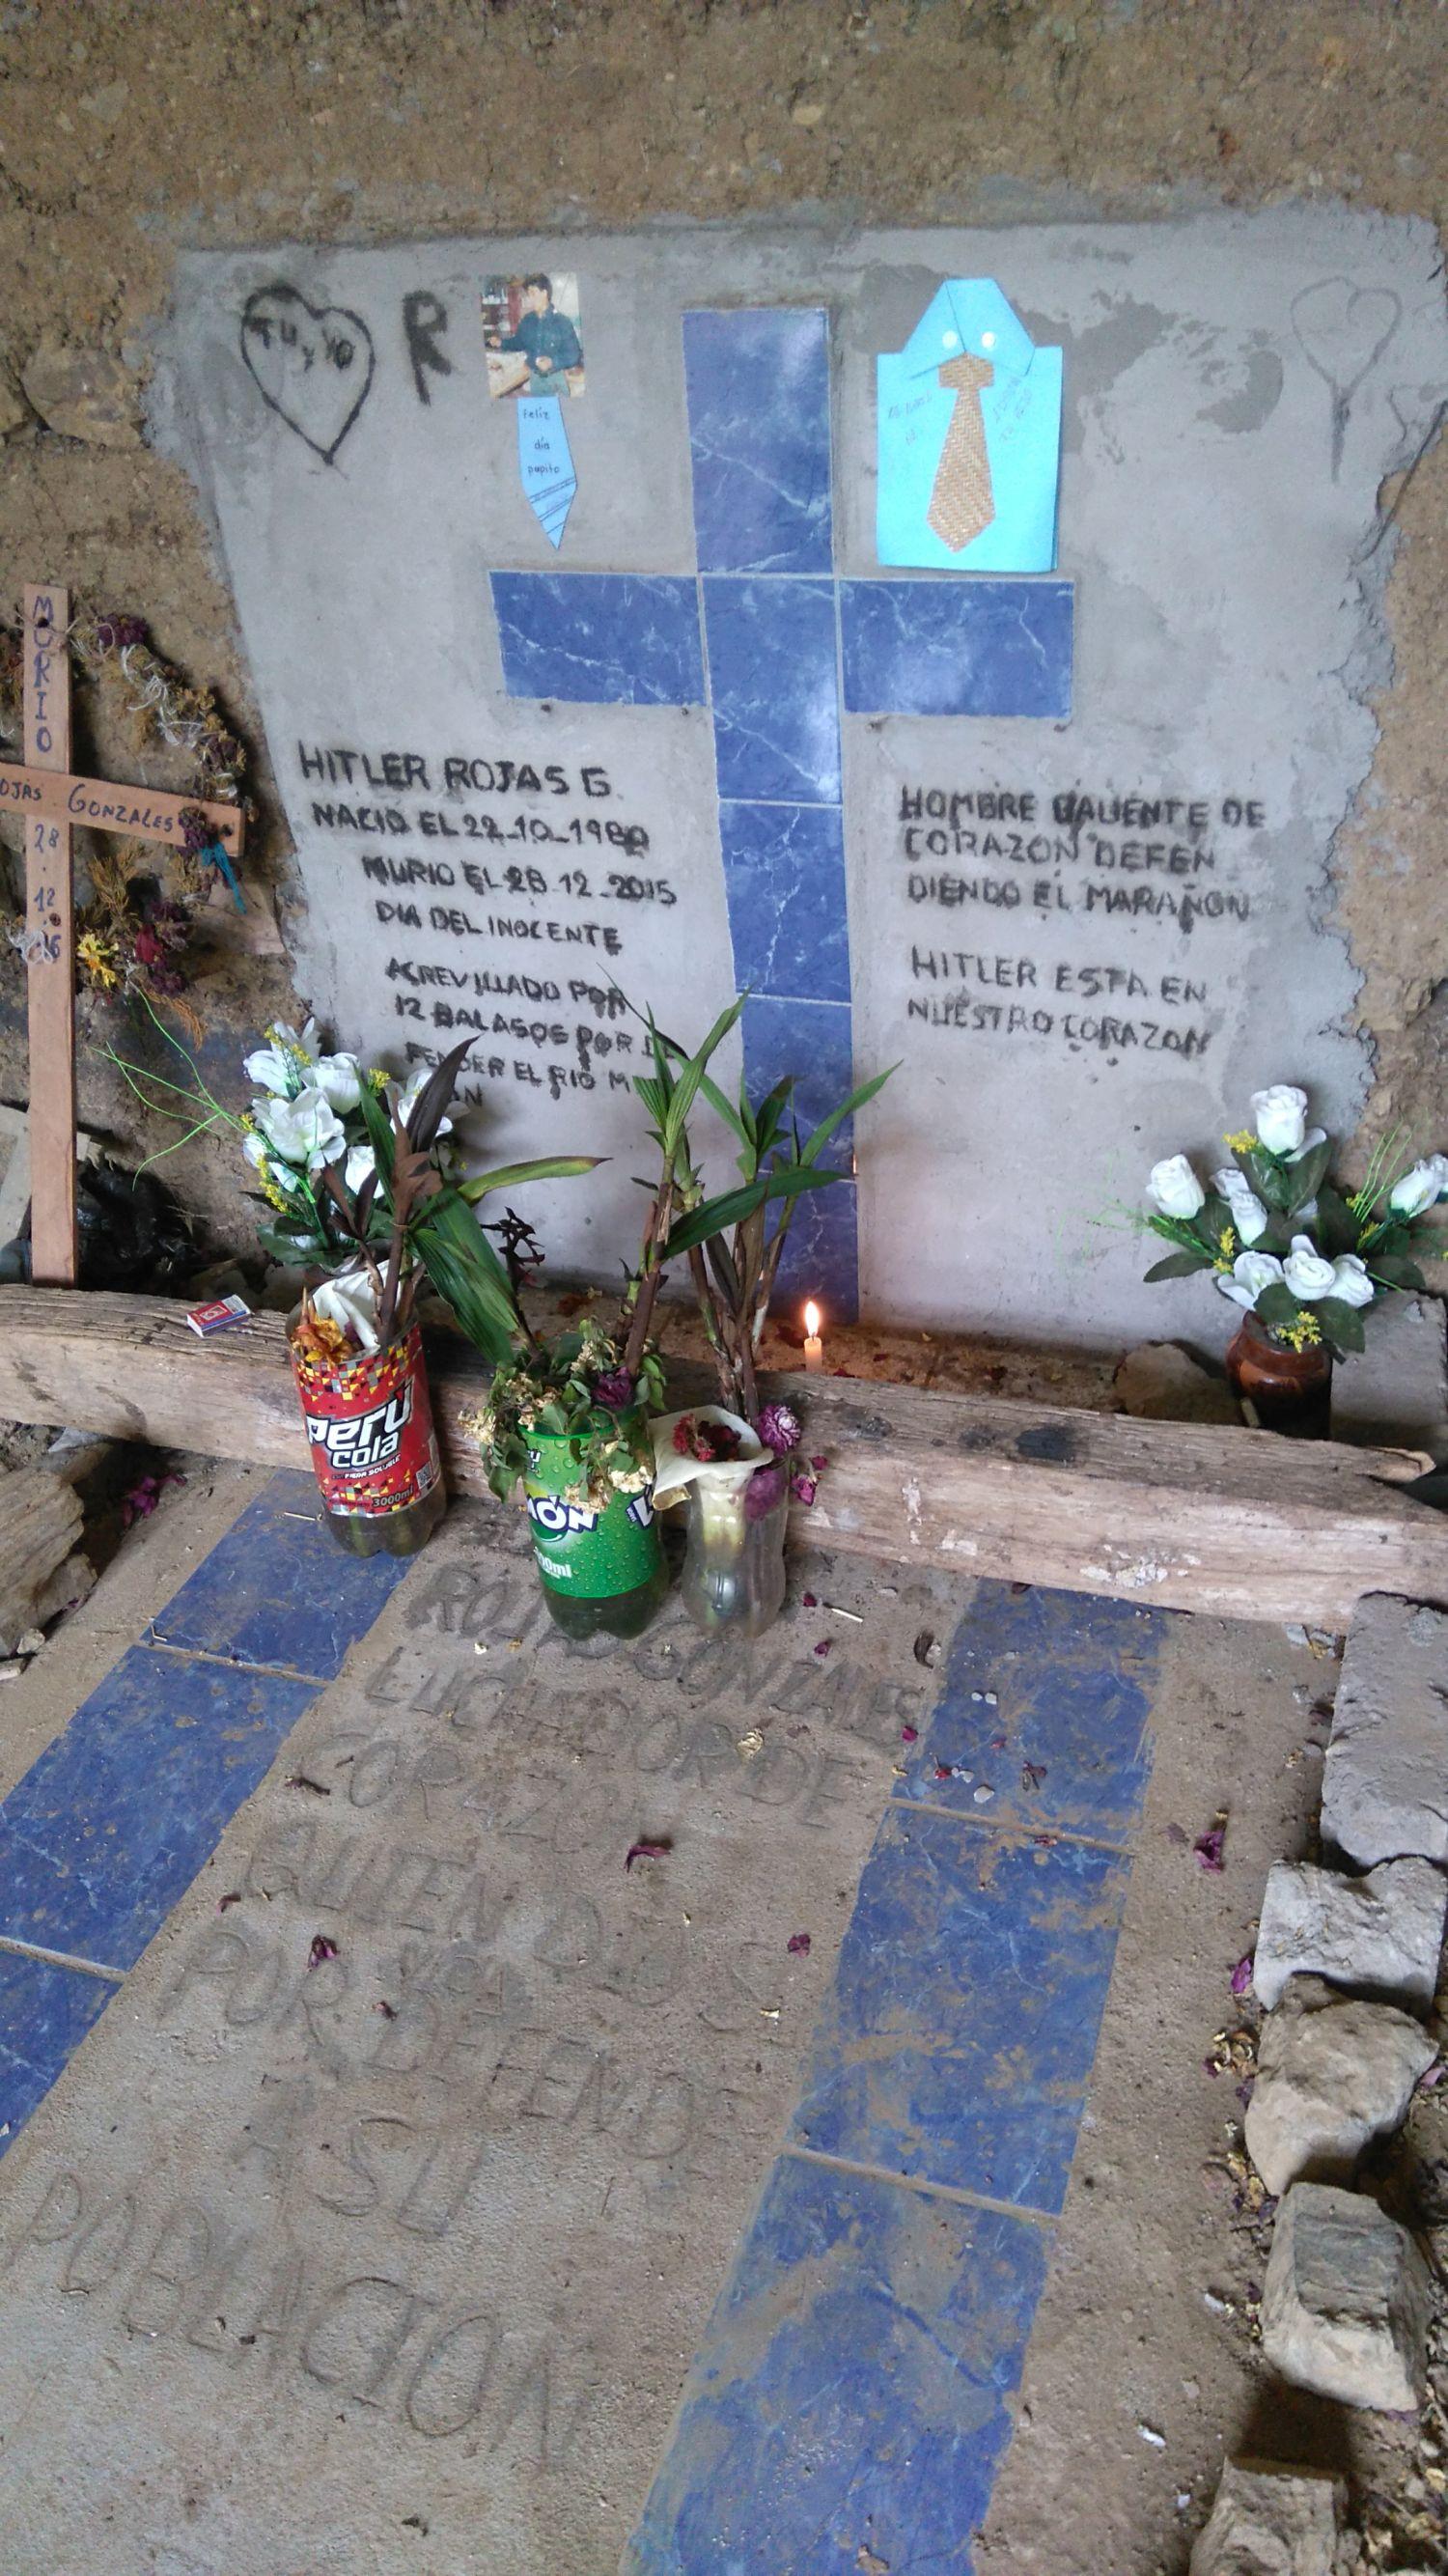 """Cuentan que el velorio y entierro de Rojas ha sido el más grande nunca antes visto en este rincón de Cajamarca. Este asesinato, como dicen en Yagén, los ha dejado """"traumados"""". Foto de Jack Lo"""